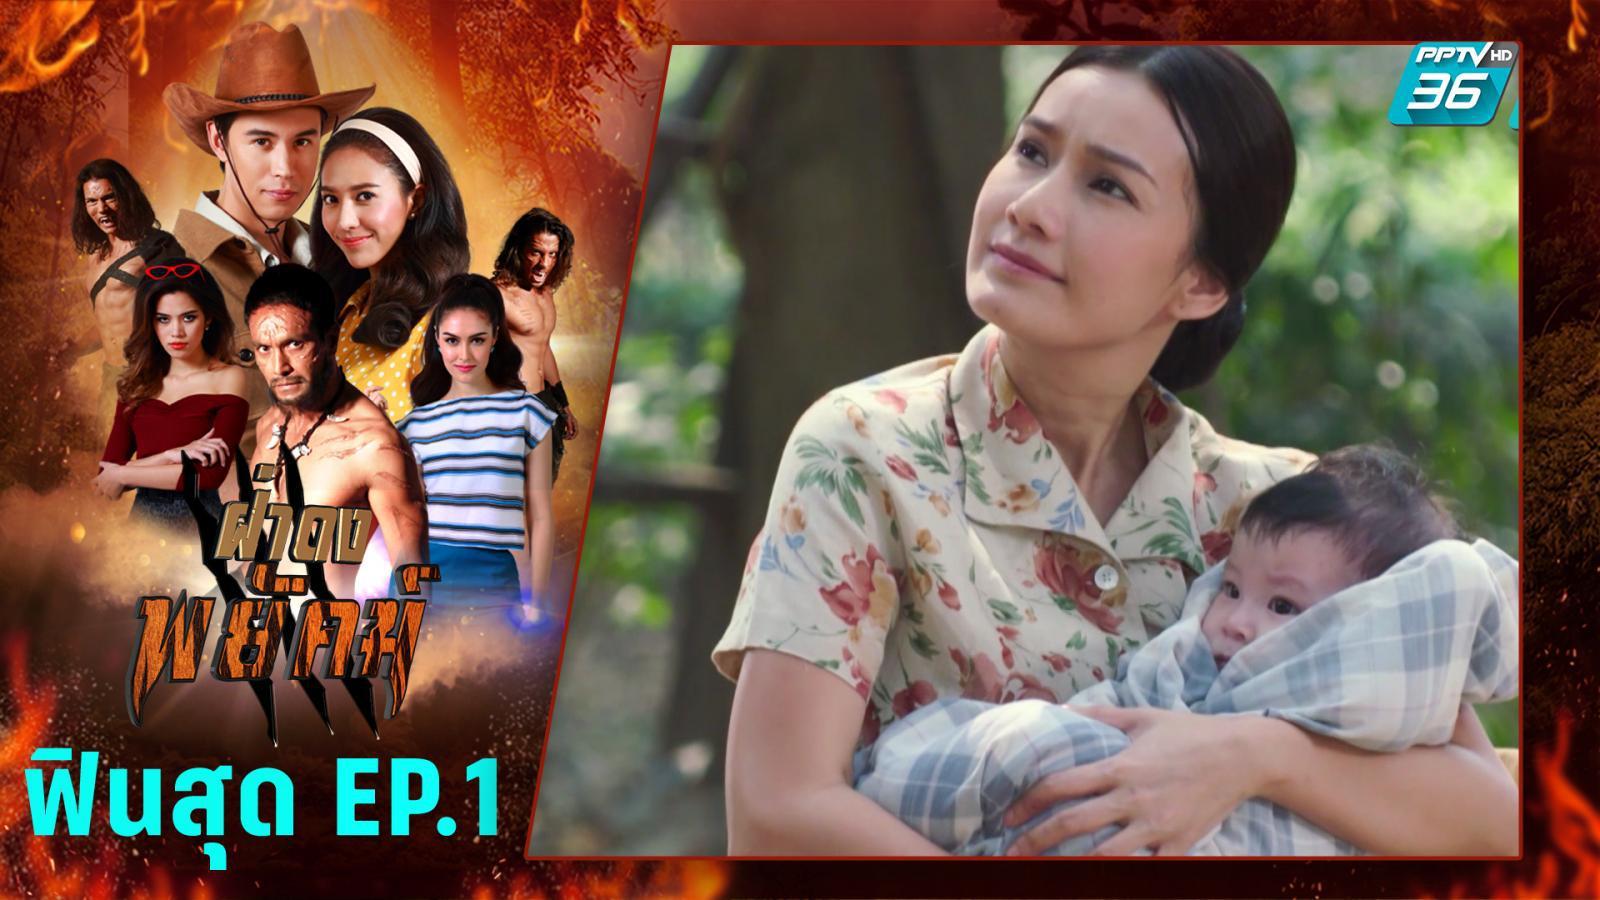 ฟินสุด | นางเอกชื่อ เดือน | ฝ่าดงพยัคฆ์ EP.1 | PPTV HD 36